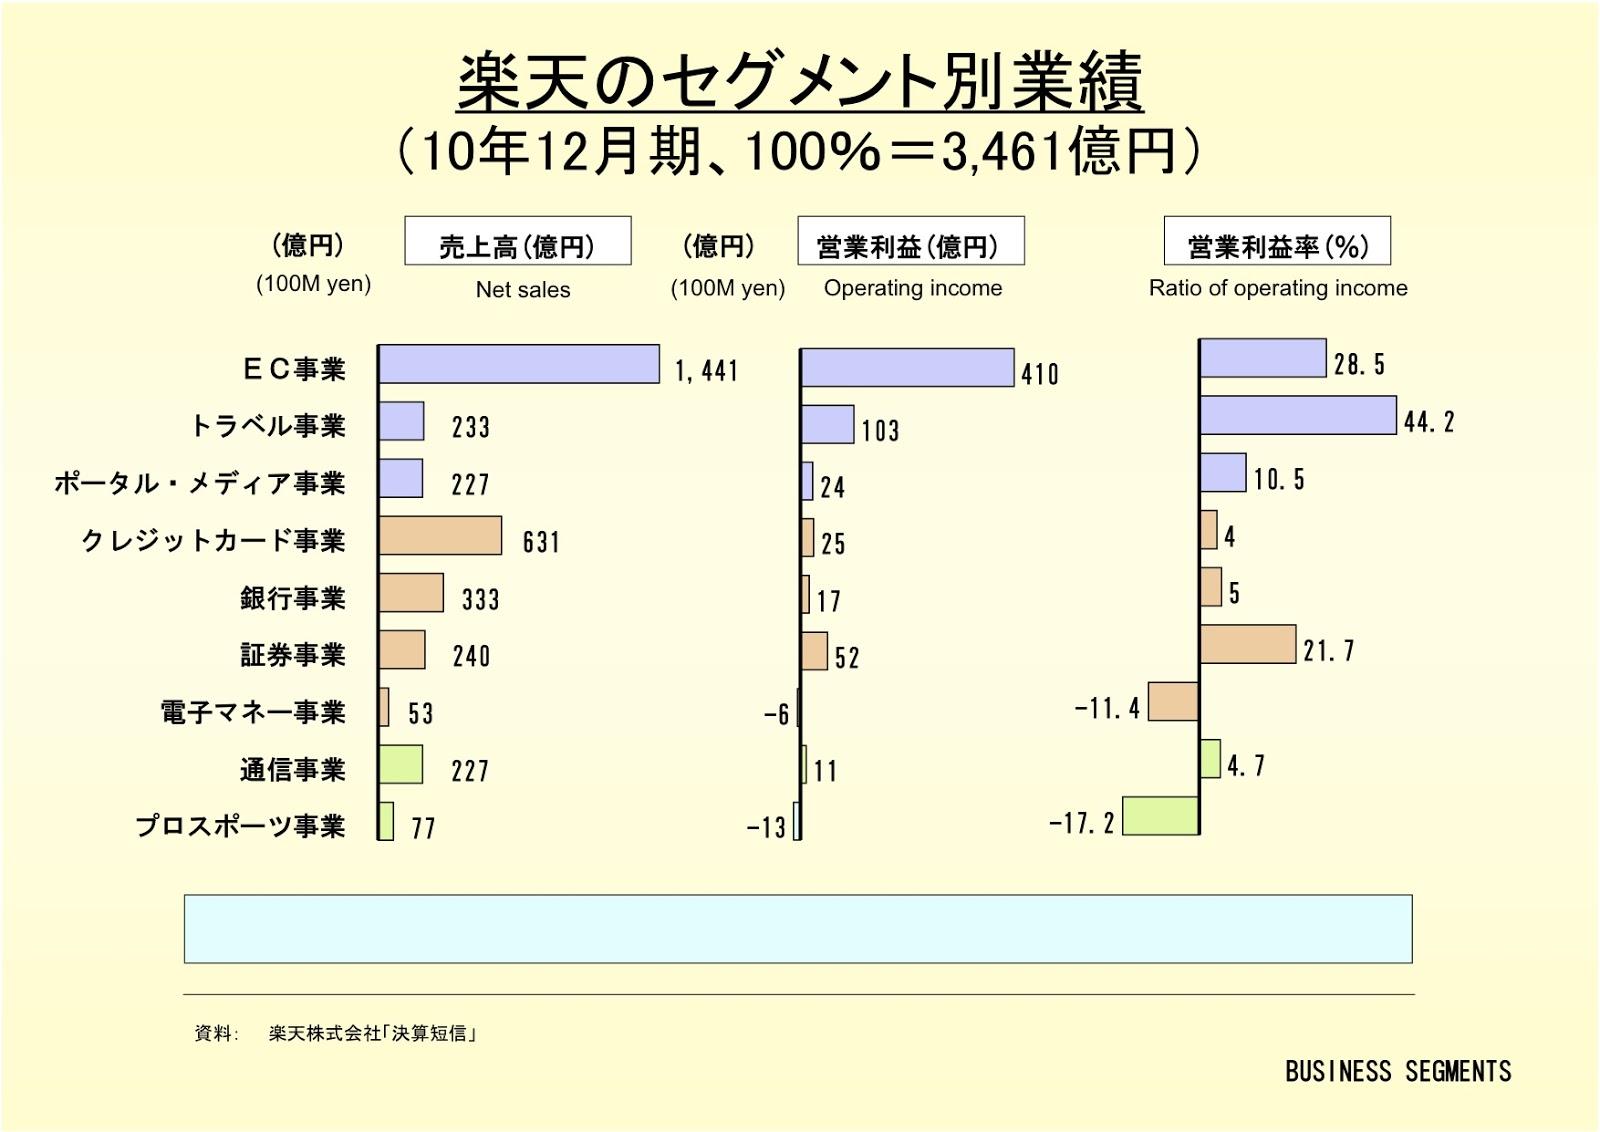 楽天株式会社のセグメント別業績